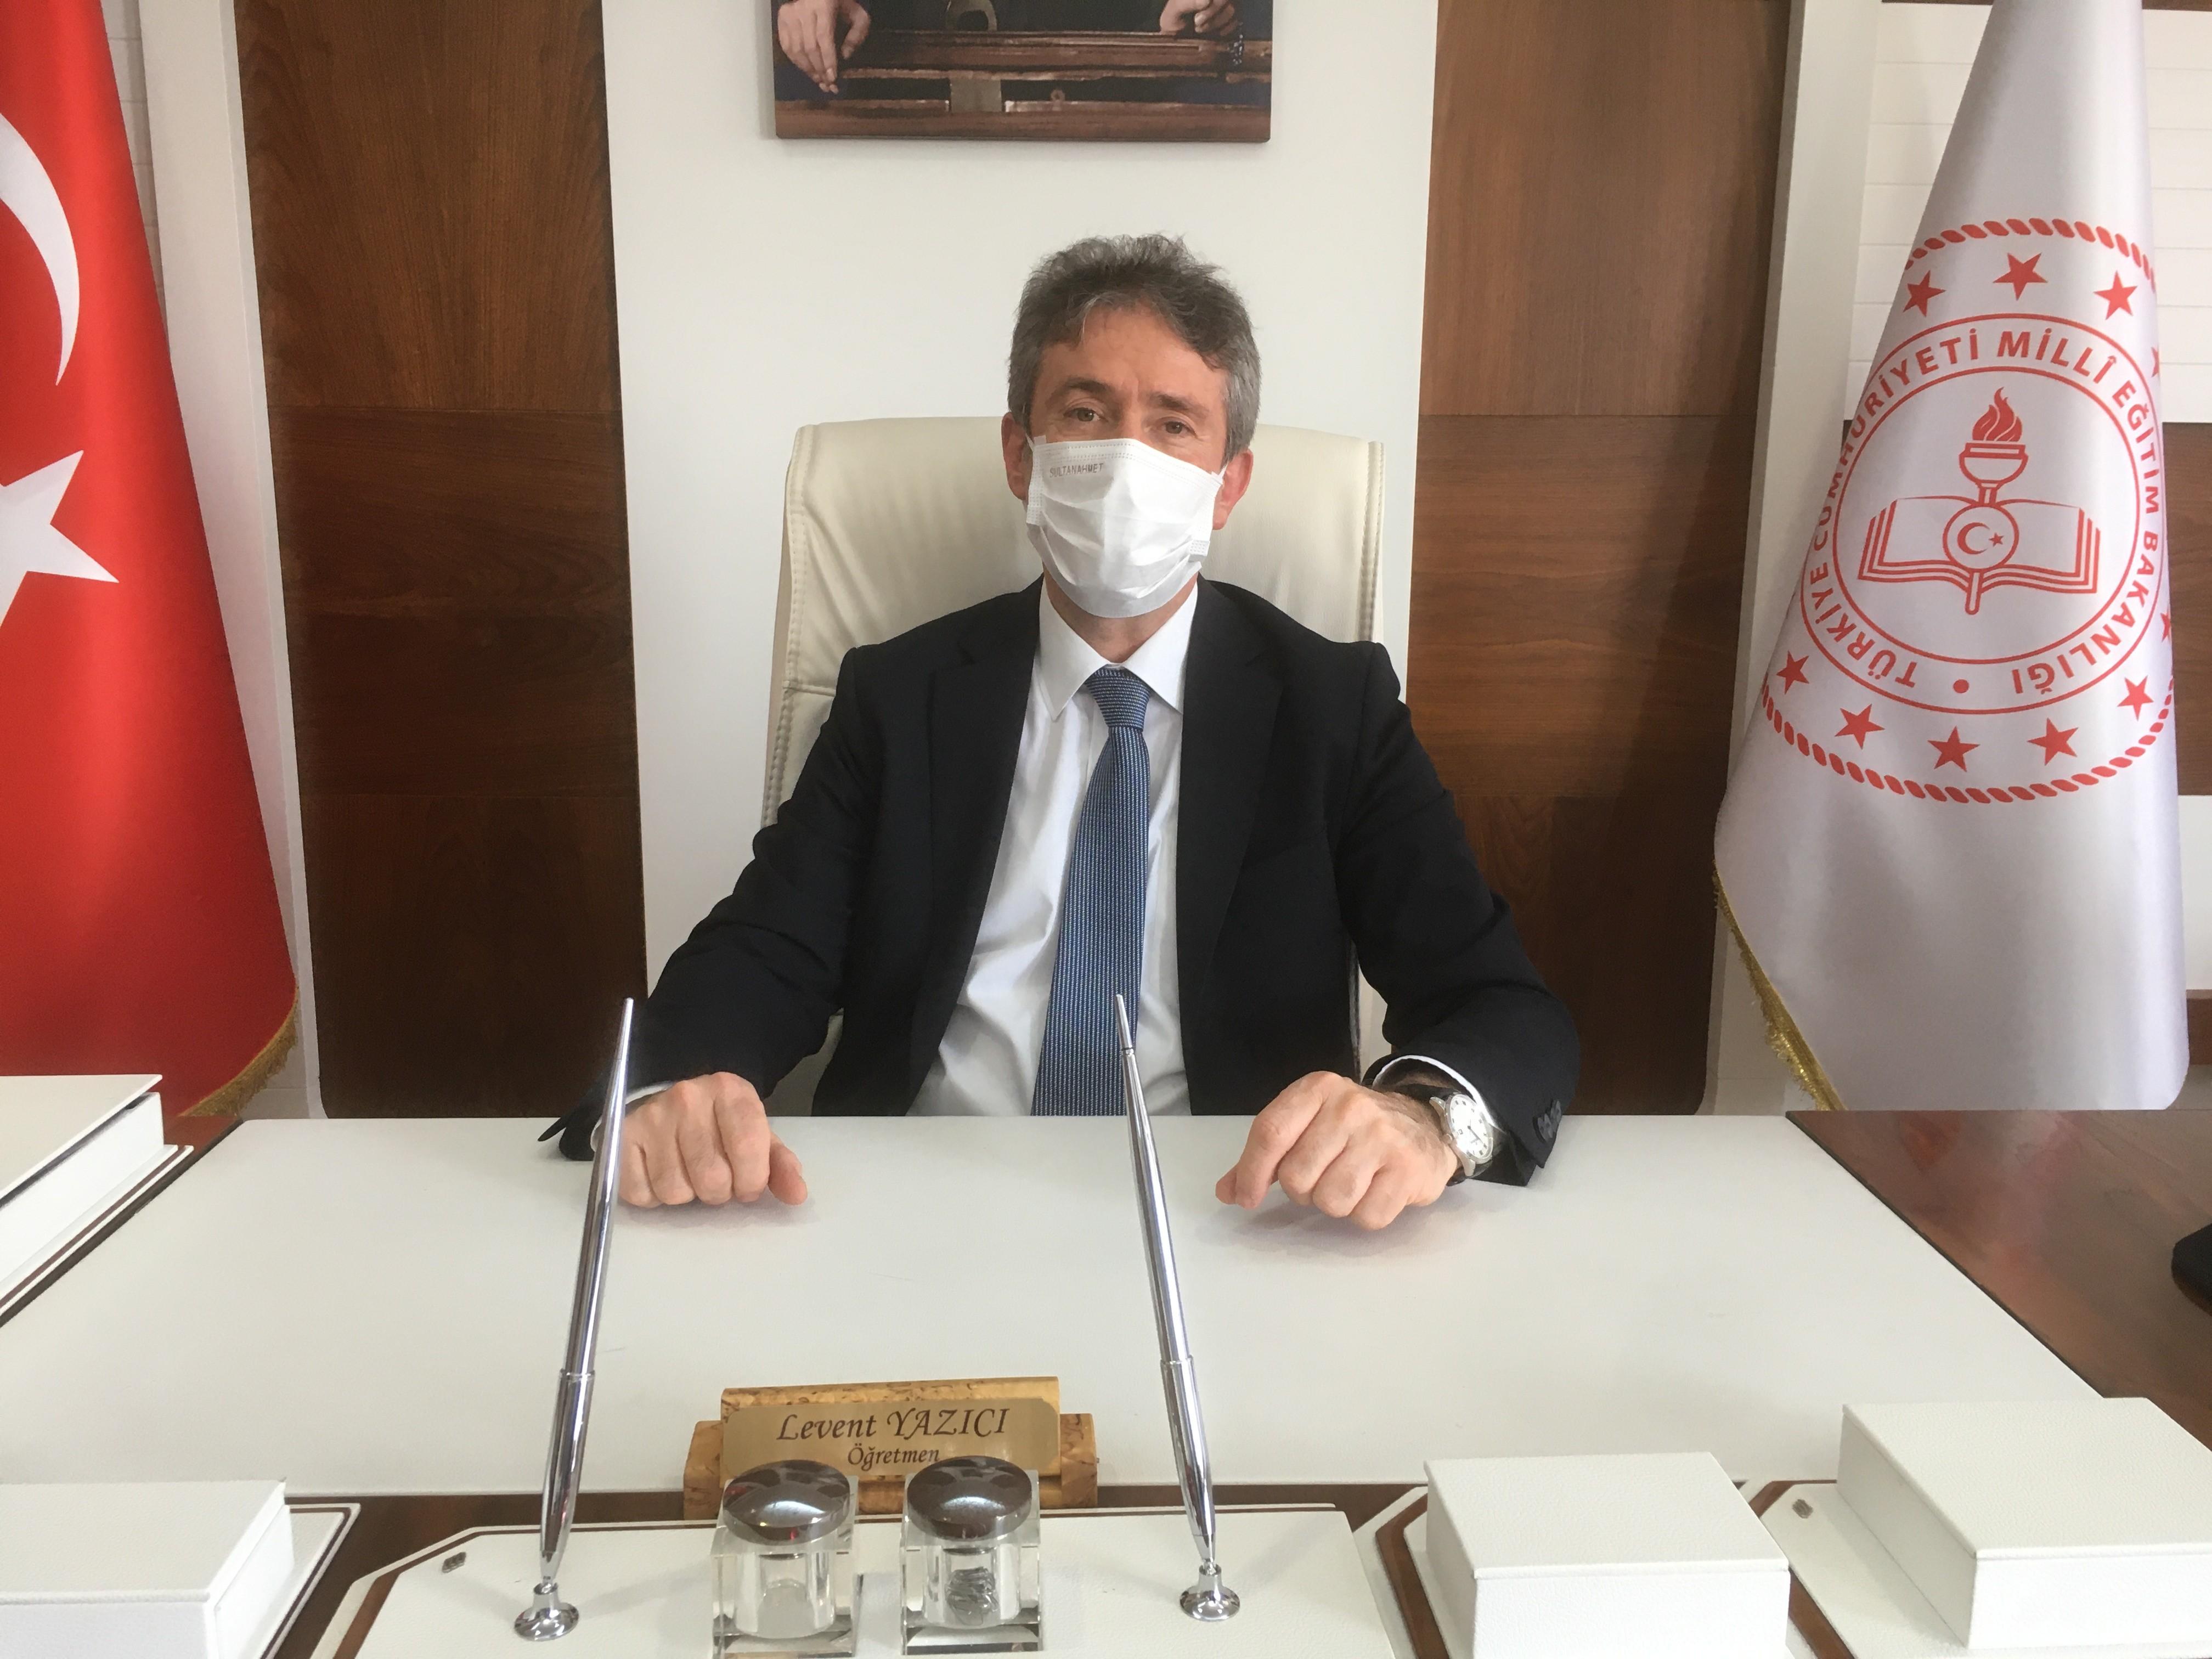 Veli ve öğrencilerin beklediği İstanbul'da okullar kapanacak mı? sorusuna yanıt geldi!